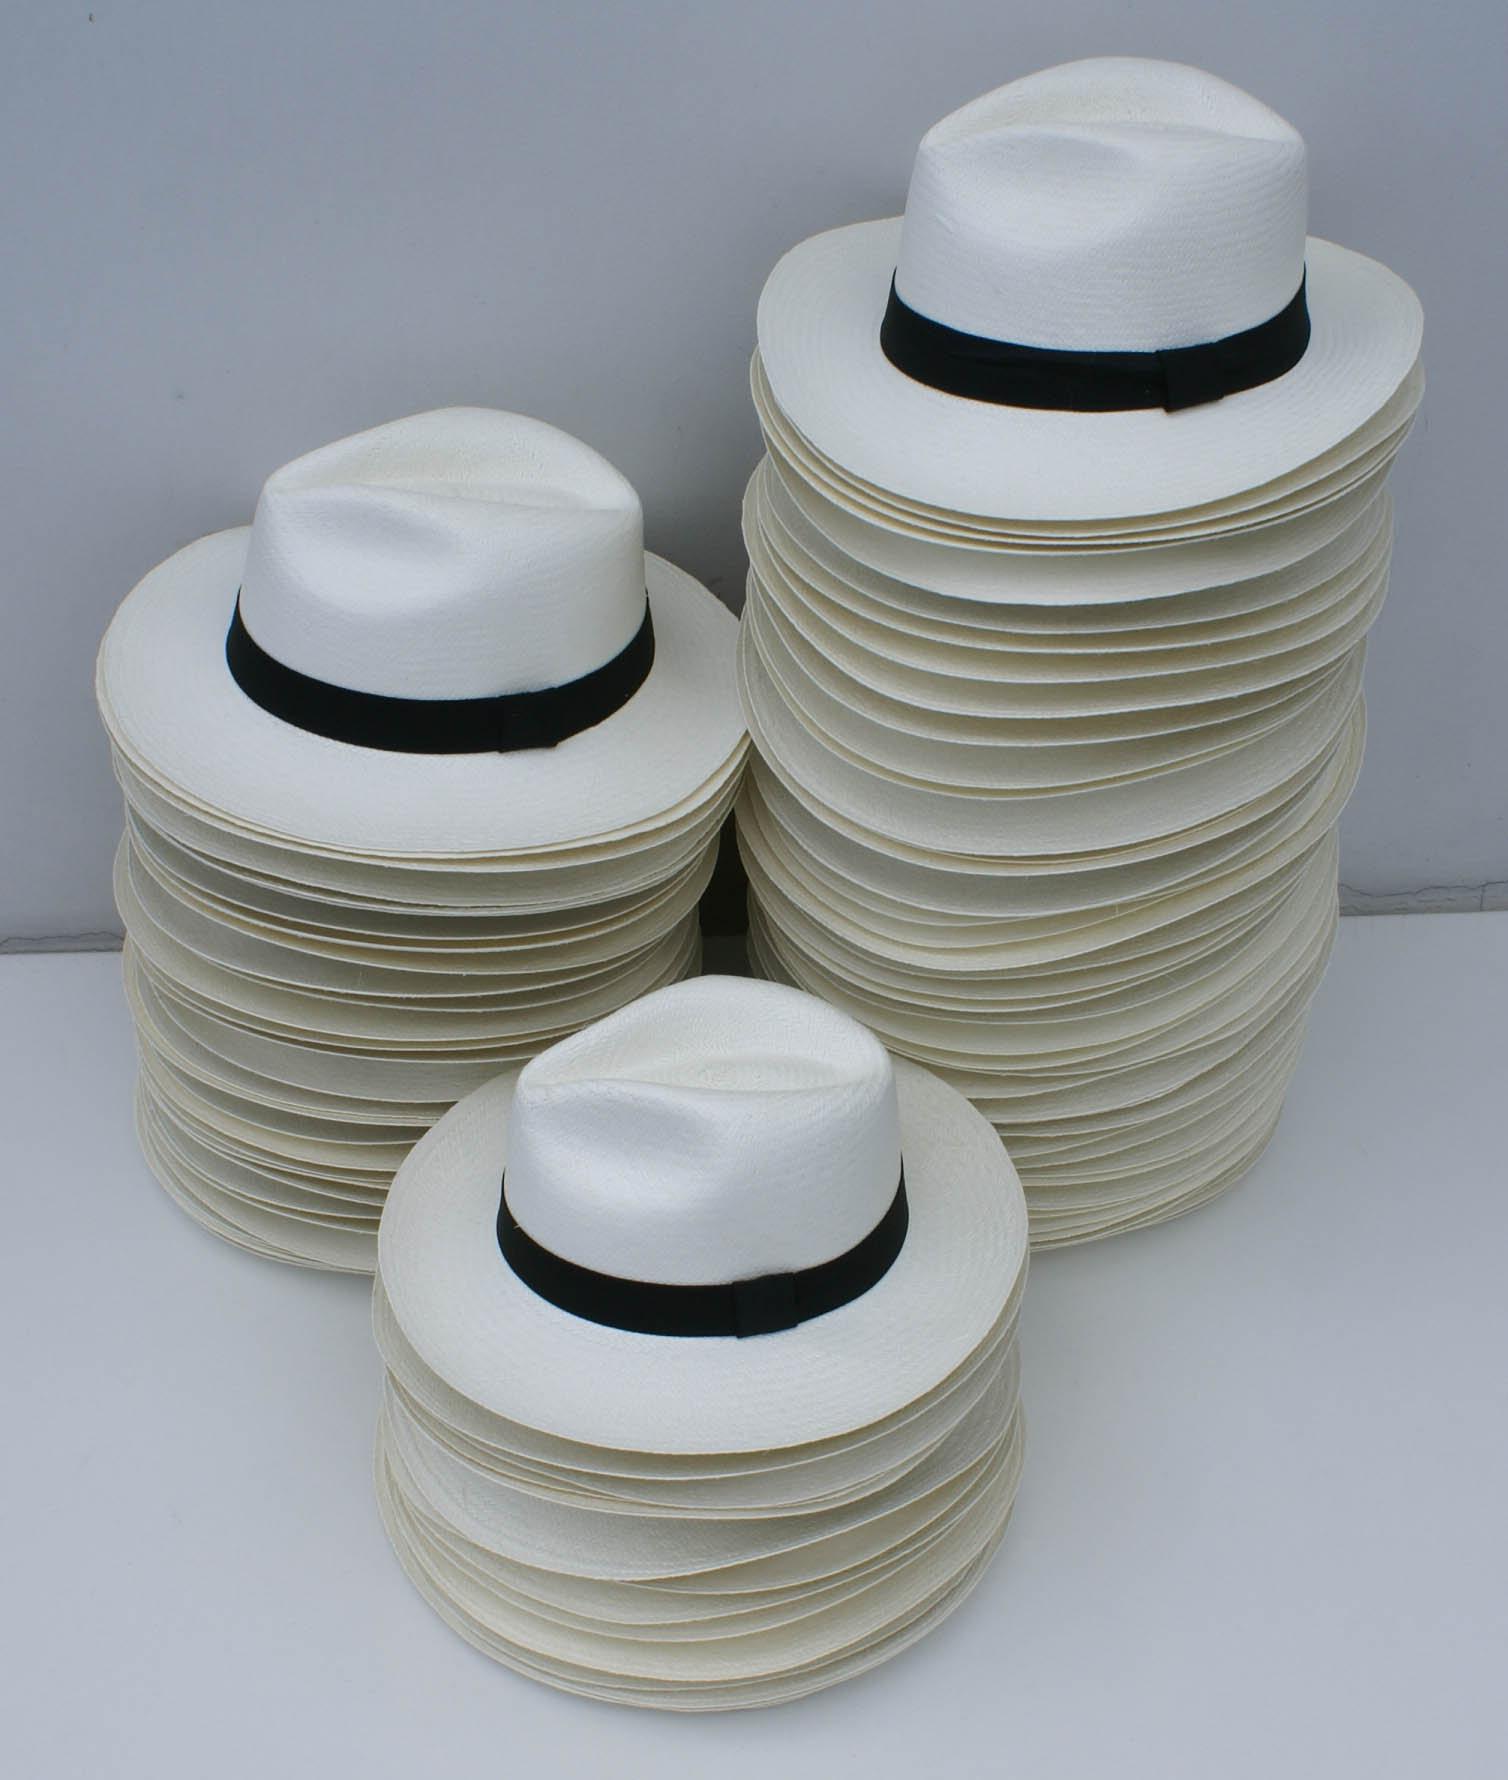 473244cf4ba6d Venta de Los Sombreros de Paja Toquilla Panamahat Originales al Por Mayor